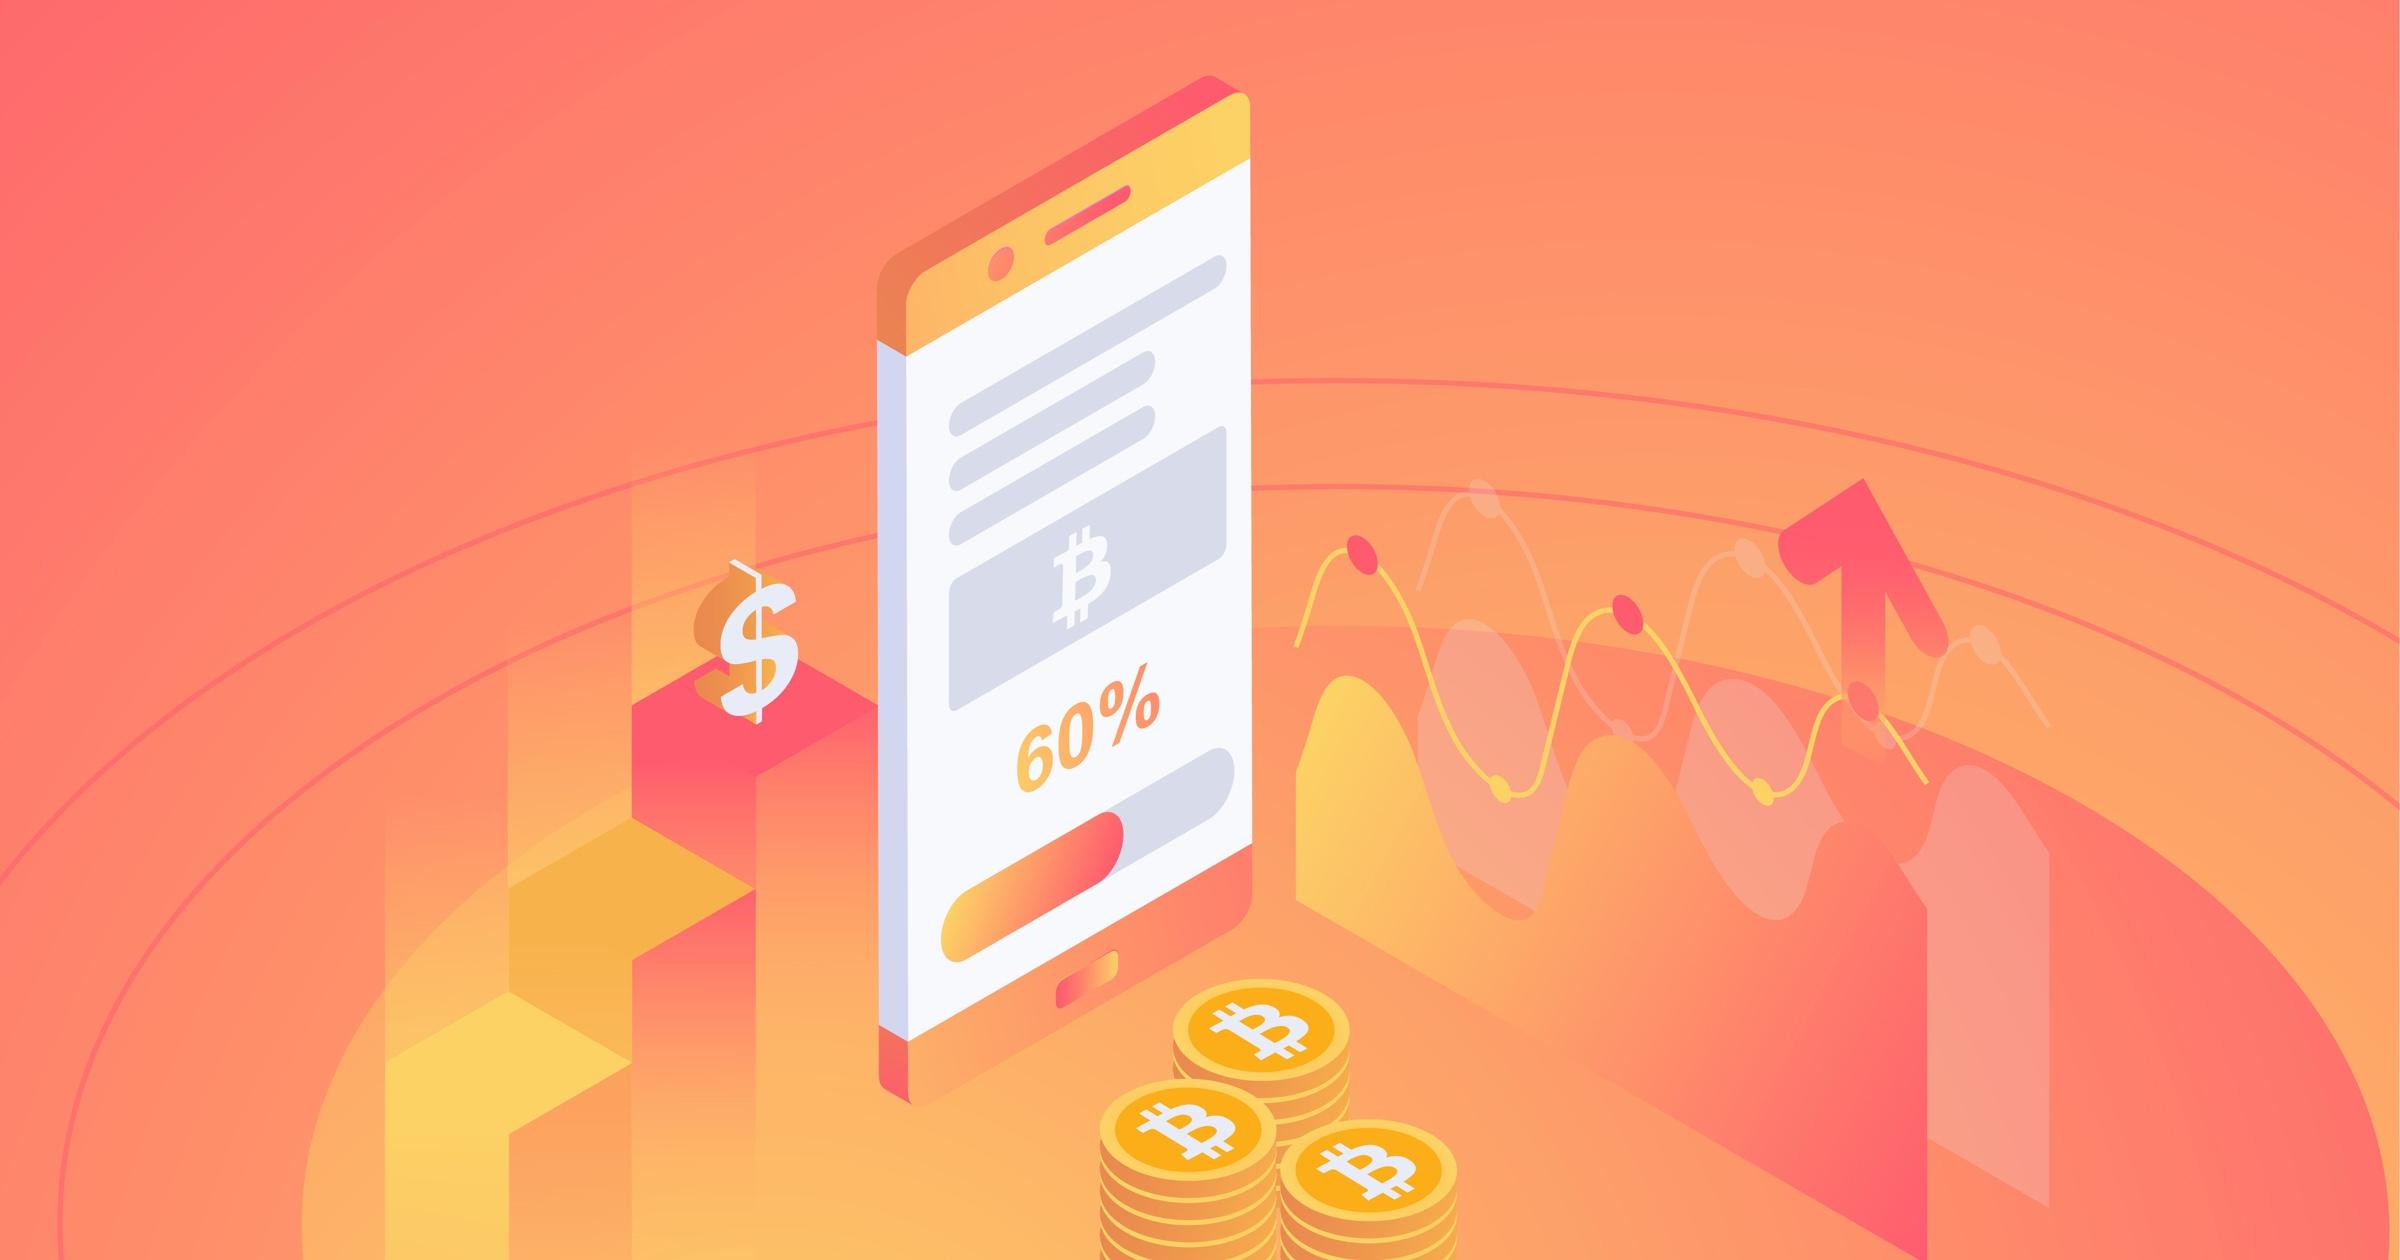 Gráfico Bitcoin: como ler as informações